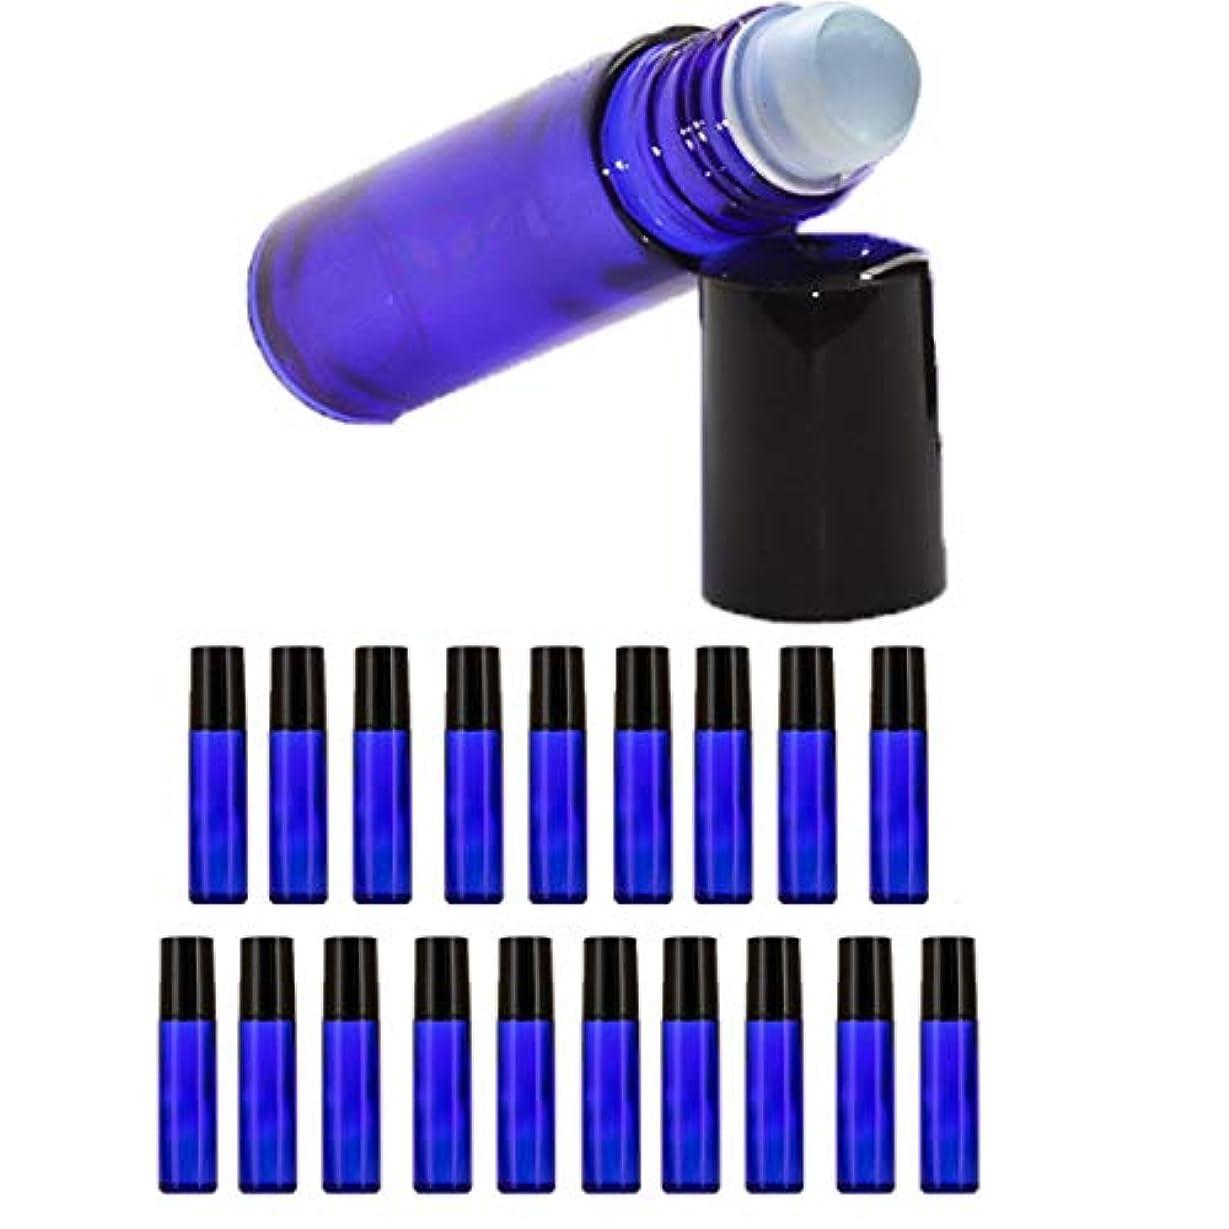 追う弾力性のある木材【Nanmara】ロールオンボトル 10ml 20個セット 遮光瓶 小分け ガラスボトル 詰め替え 容器 エッセンシャルオイル 遮光ビン 青色 ブルー (20個セット)